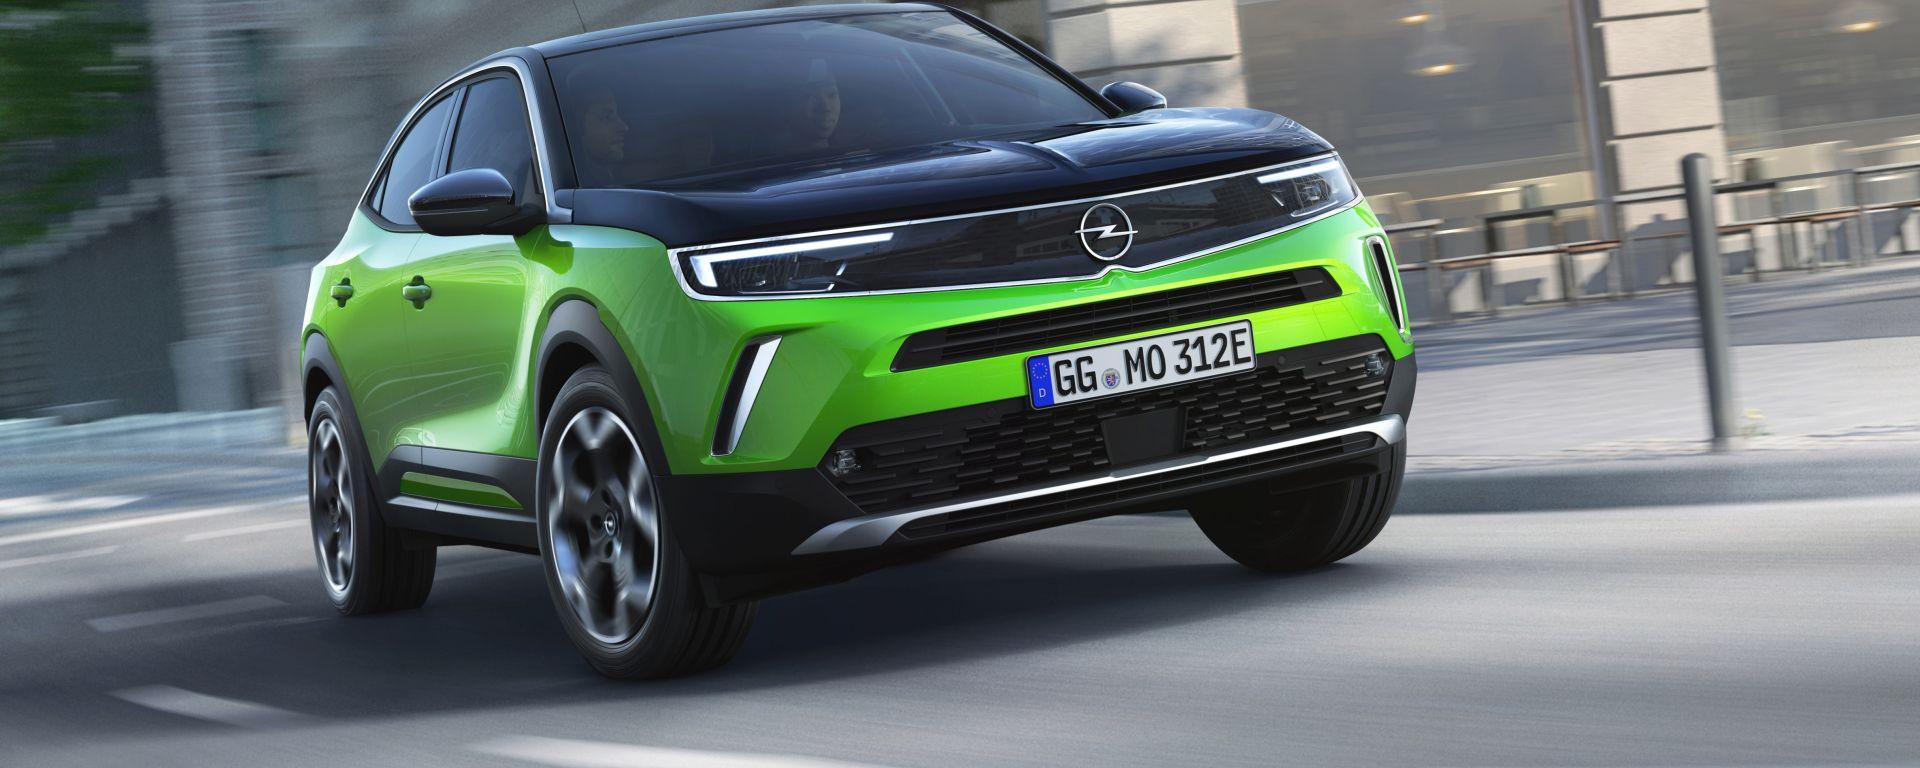 Nuova Opel Mokka, autentica rivoluzione